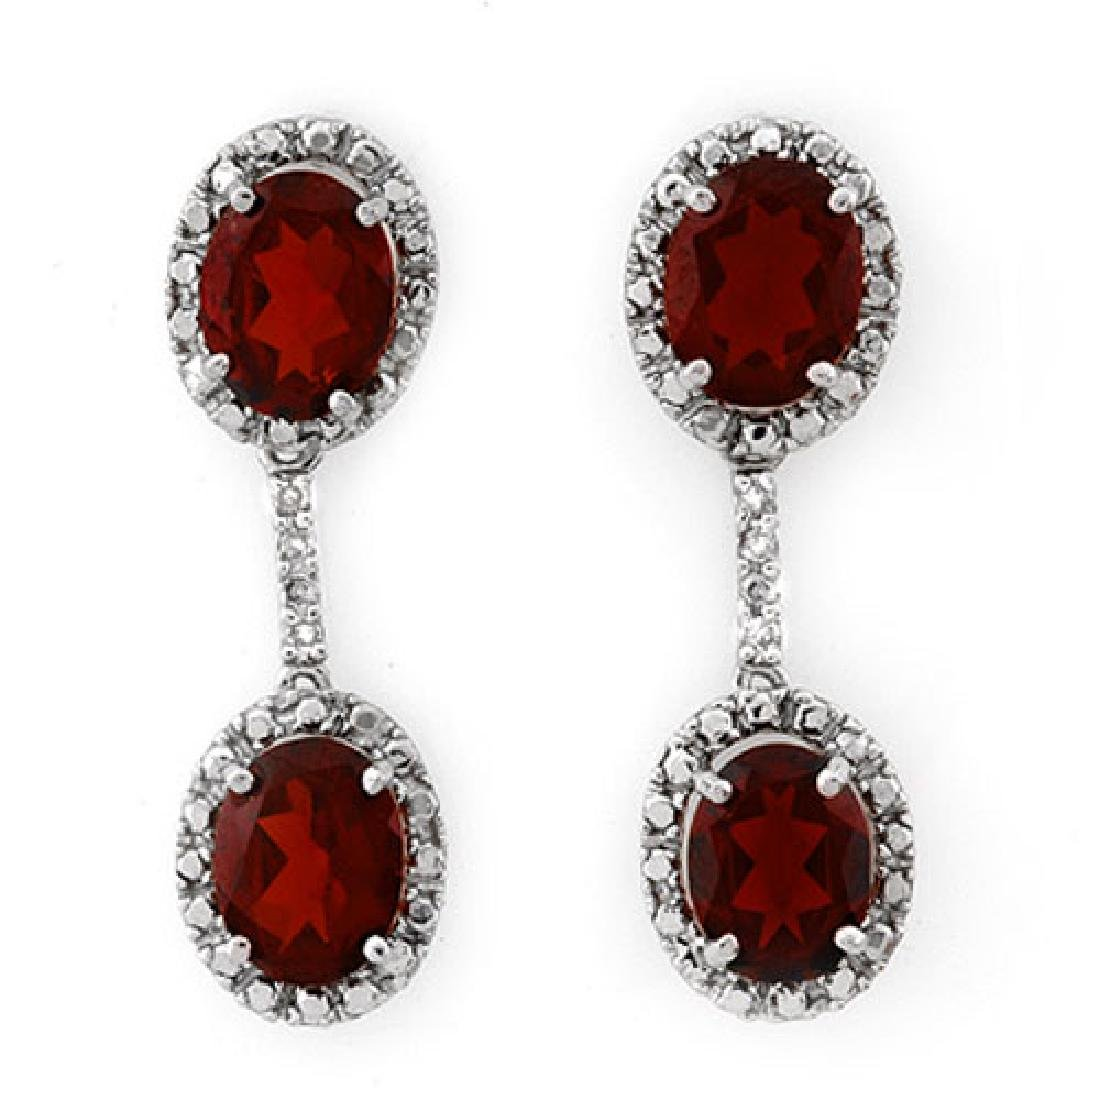 8.10 CTW Garnet & Diamond Earrings 14K White Gold